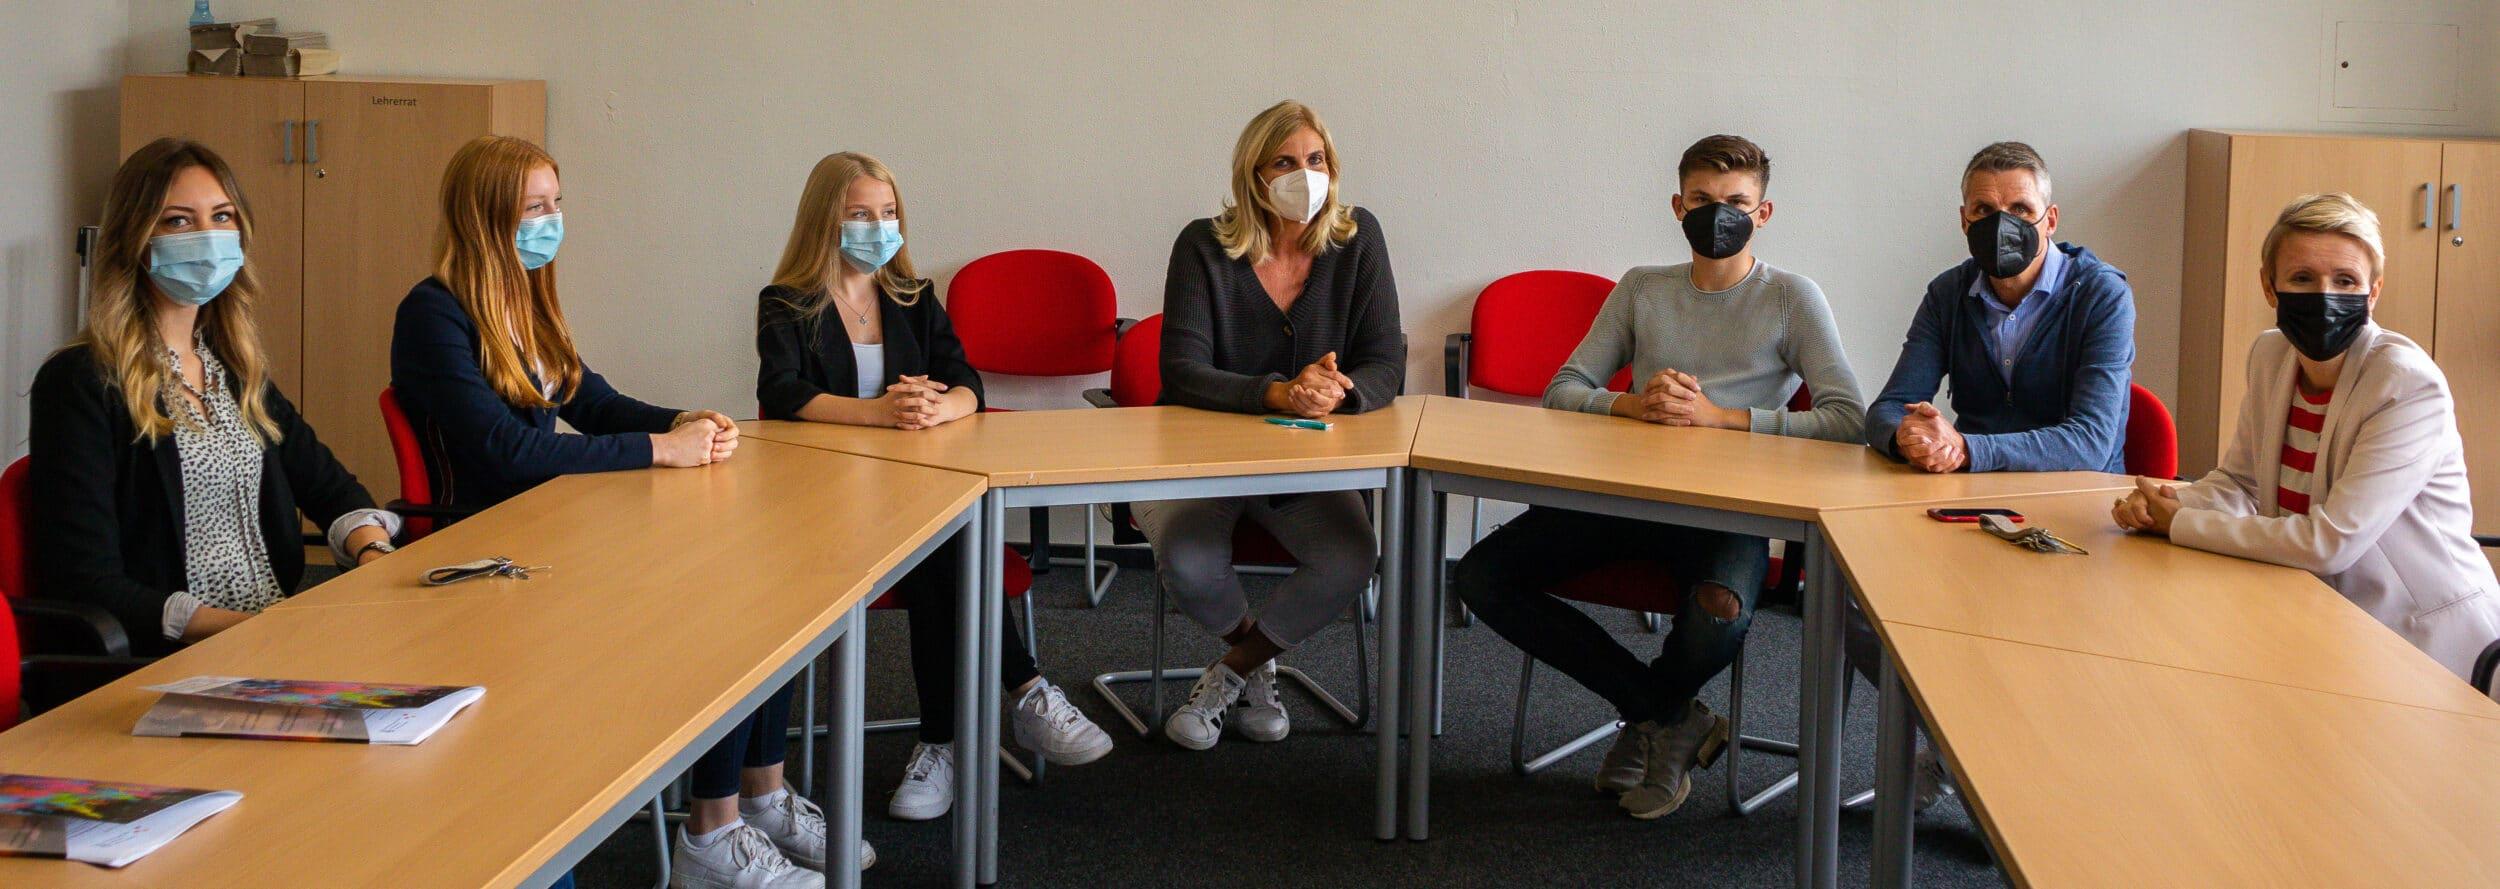 """""""Nur gesunde Schüler*innen lernen gut"""" – HHG-Gesundheitskonzept steht auf der Kippe"""